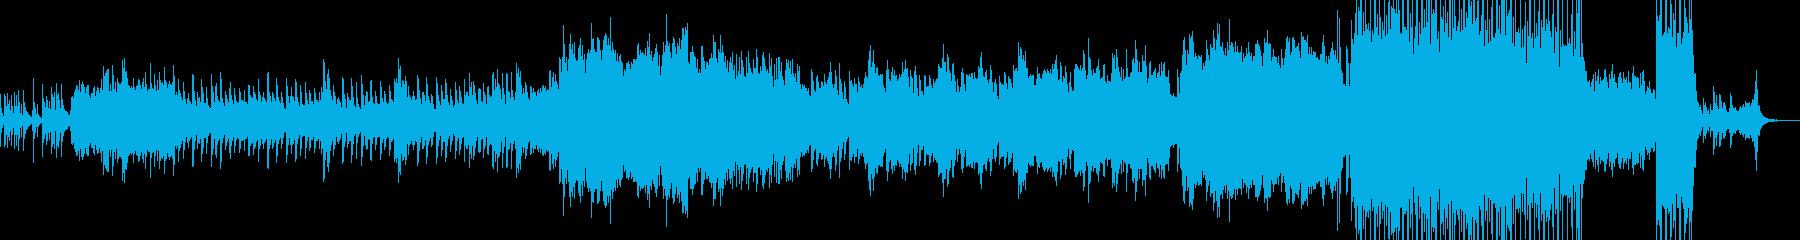 2人が結ばれる時・劇的なラストへ B2の再生済みの波形